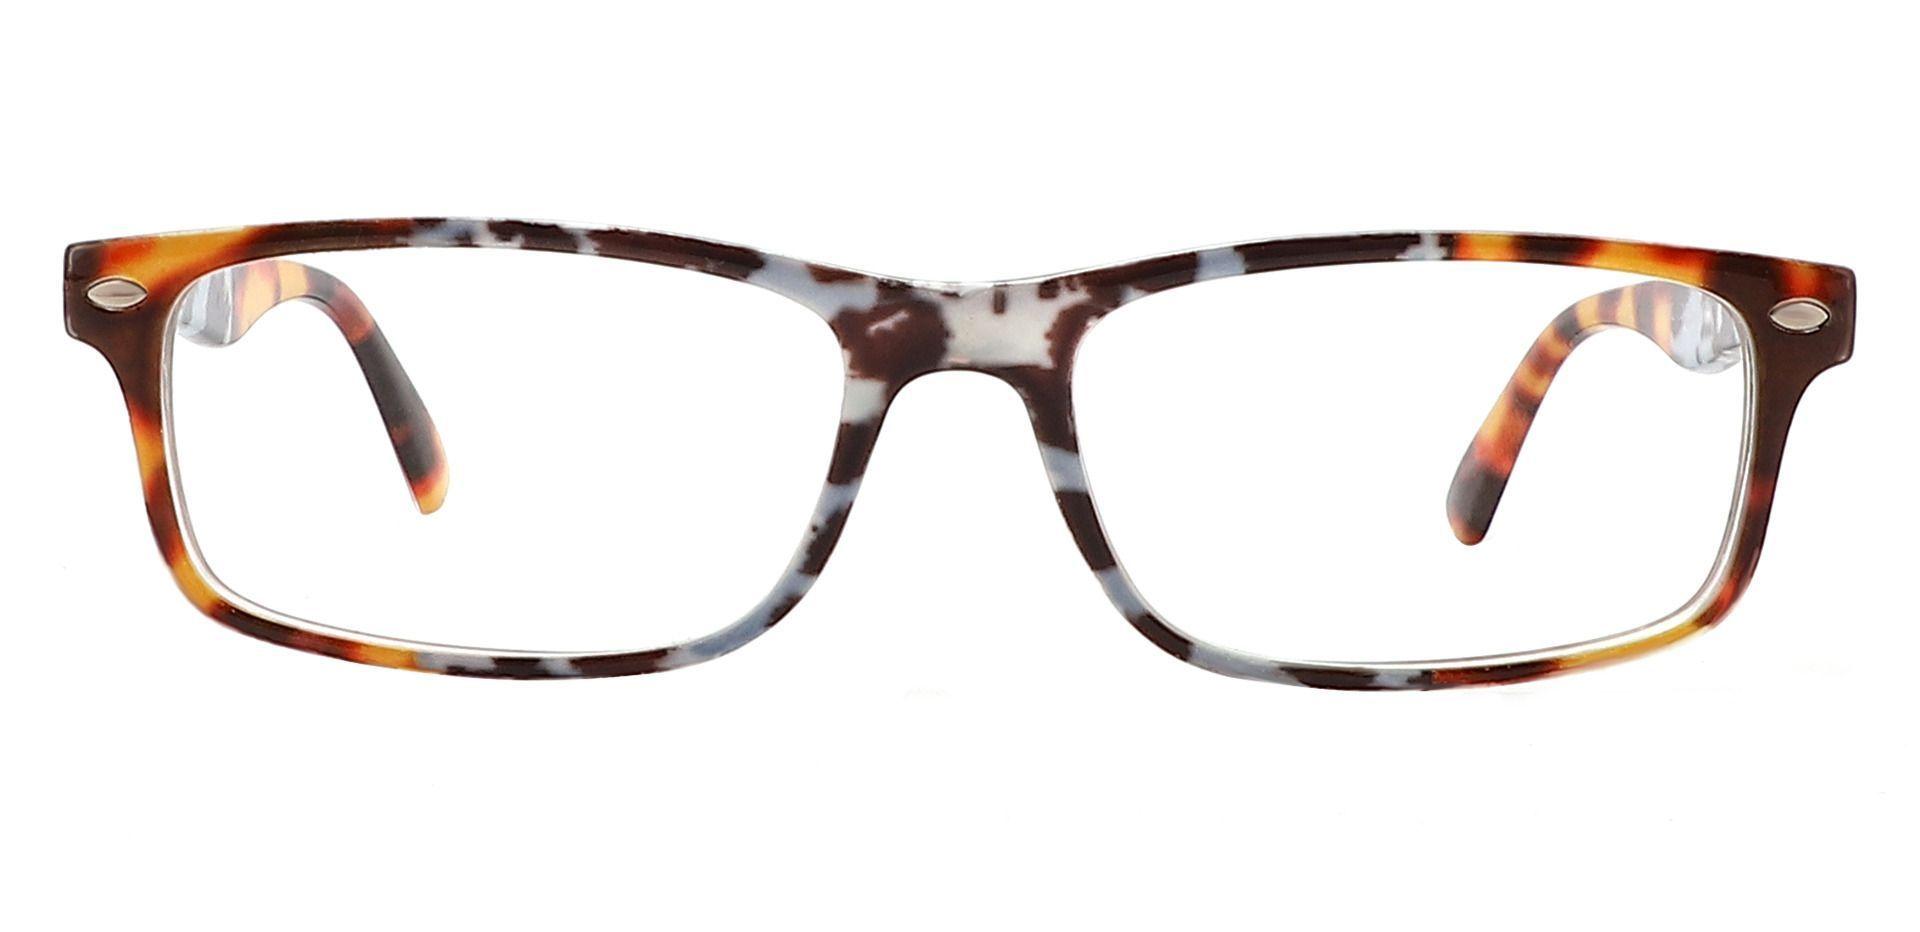 Elfrida Rectangle Eyeglasses Frame - Tortoise